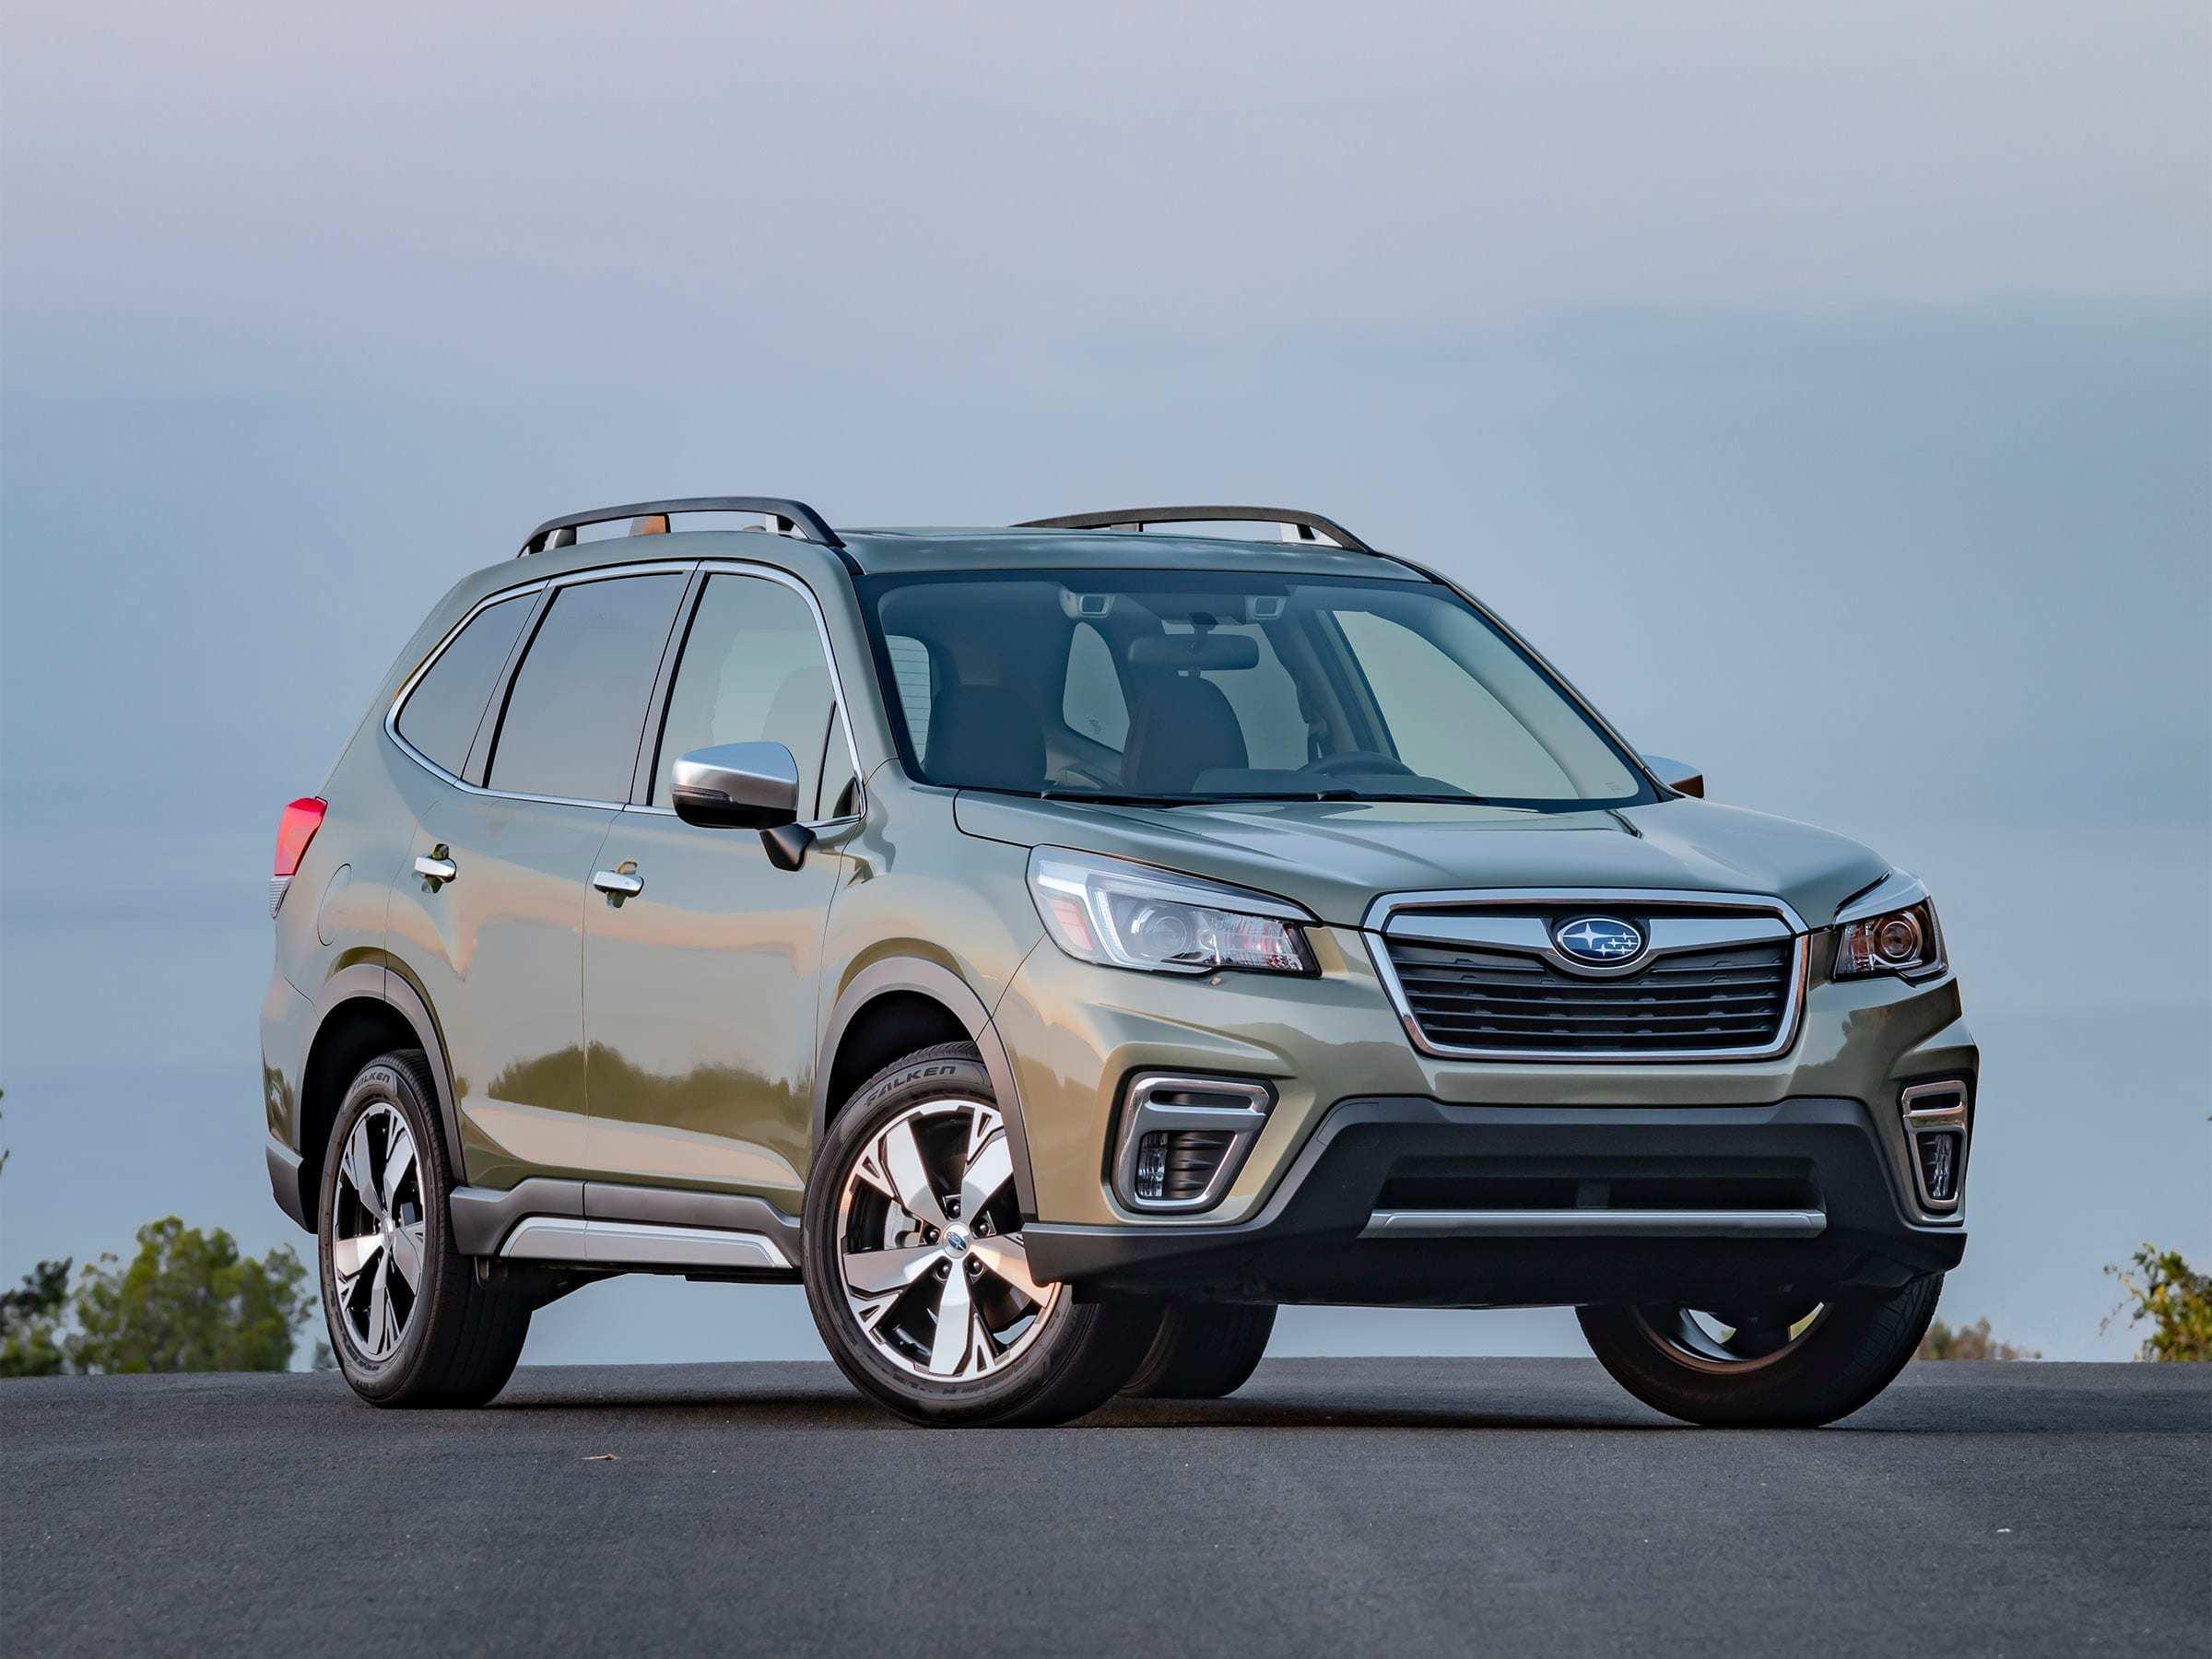 71 Best Review 2019 Subaru Suv Photos for 2019 Subaru Suv